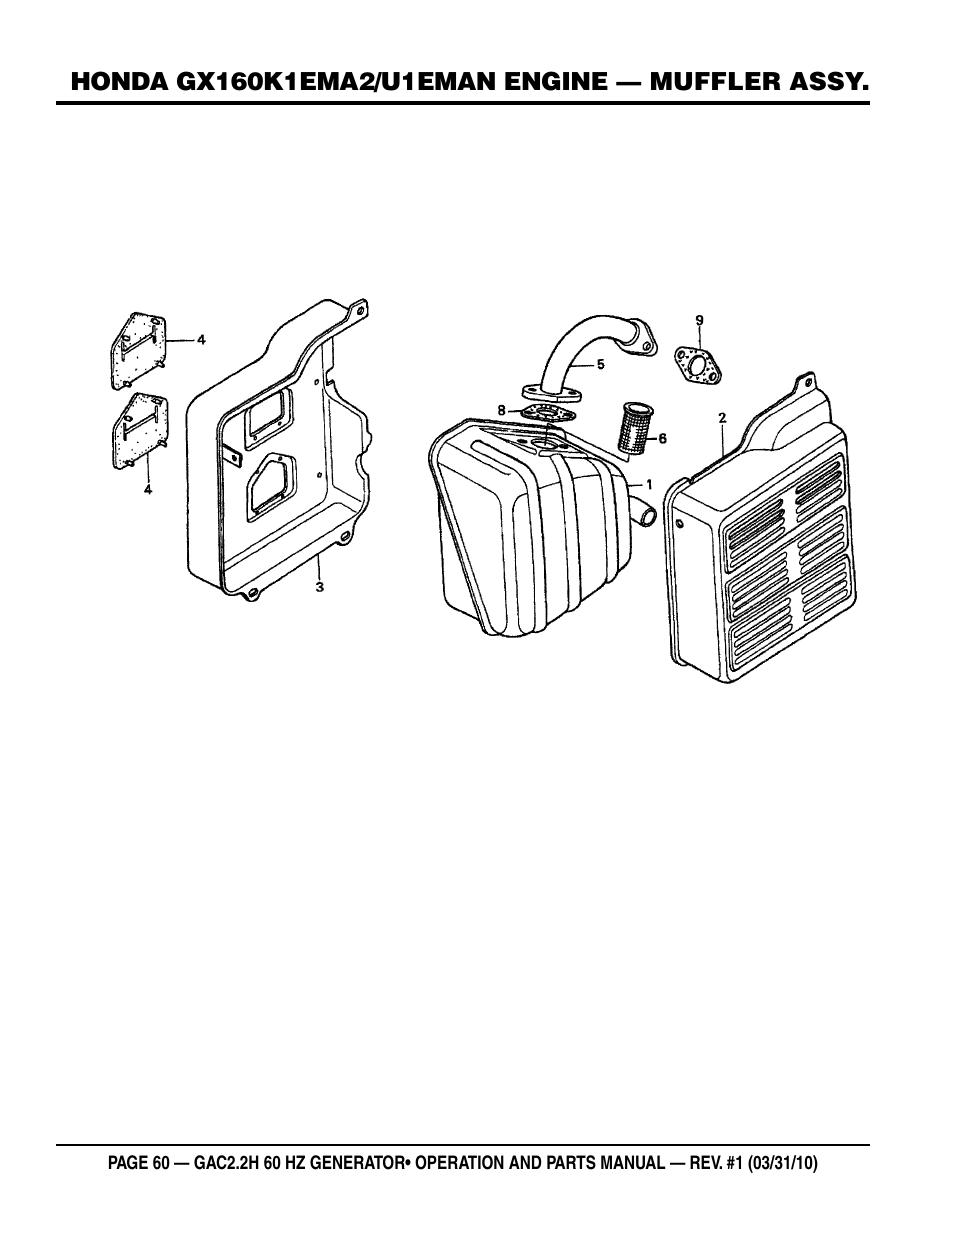 honda gx 160 repear manual